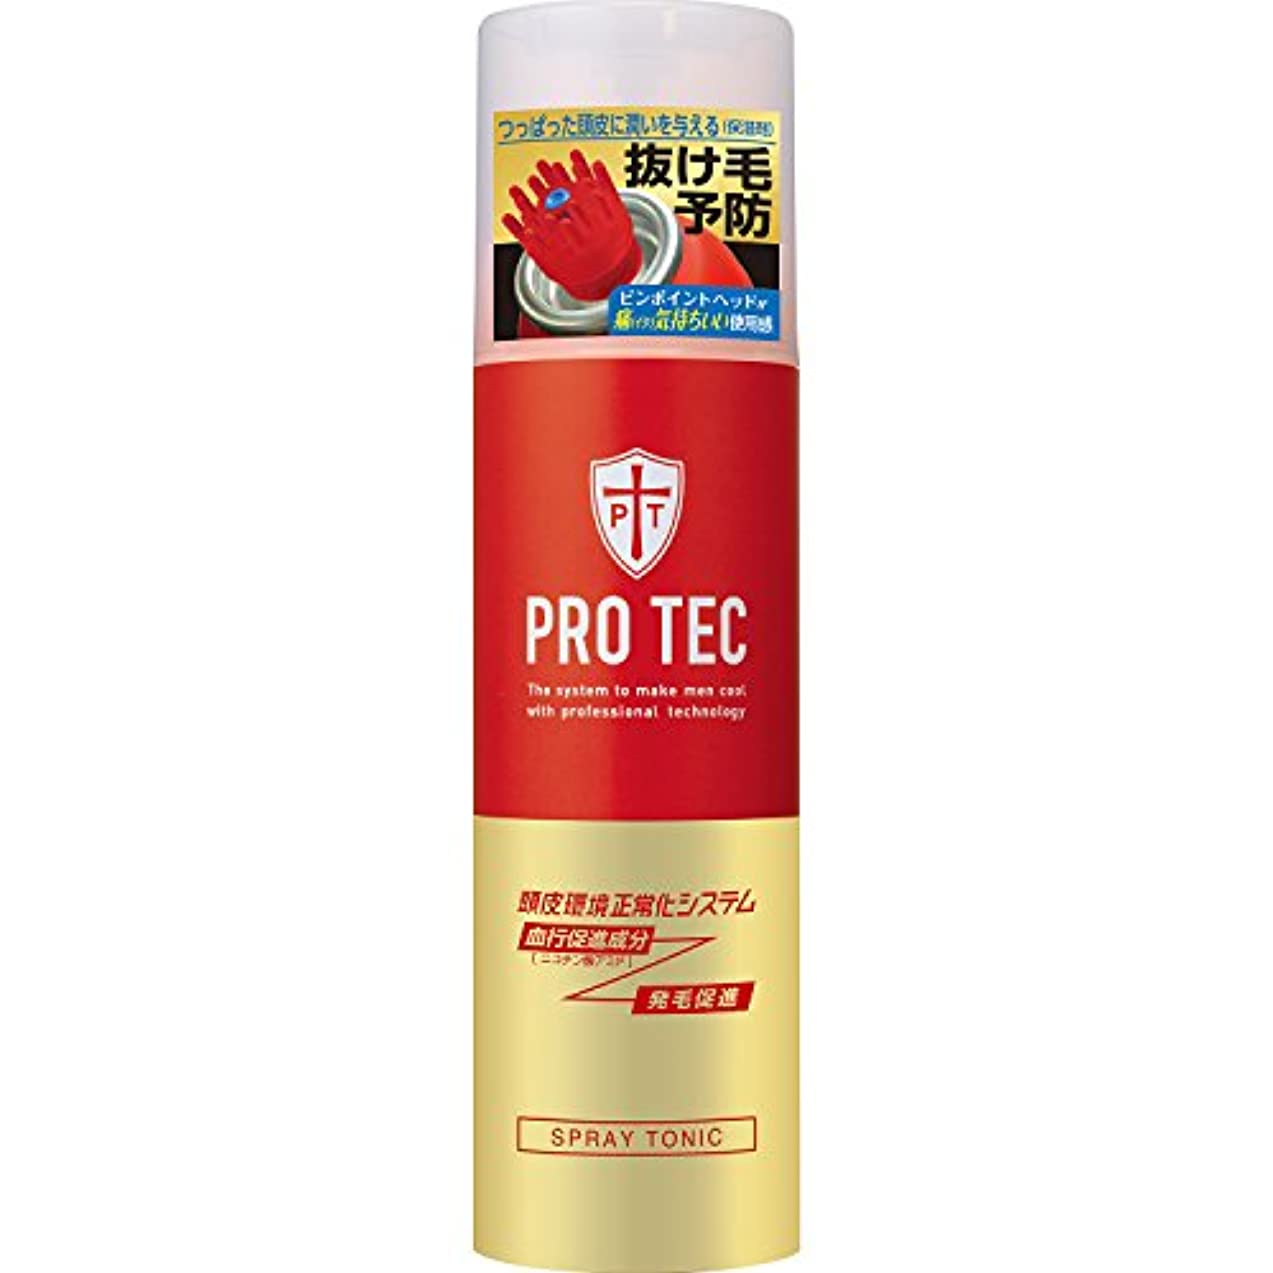 PRO TEC(プロテク) スプレートニック 150g(医薬部外品)